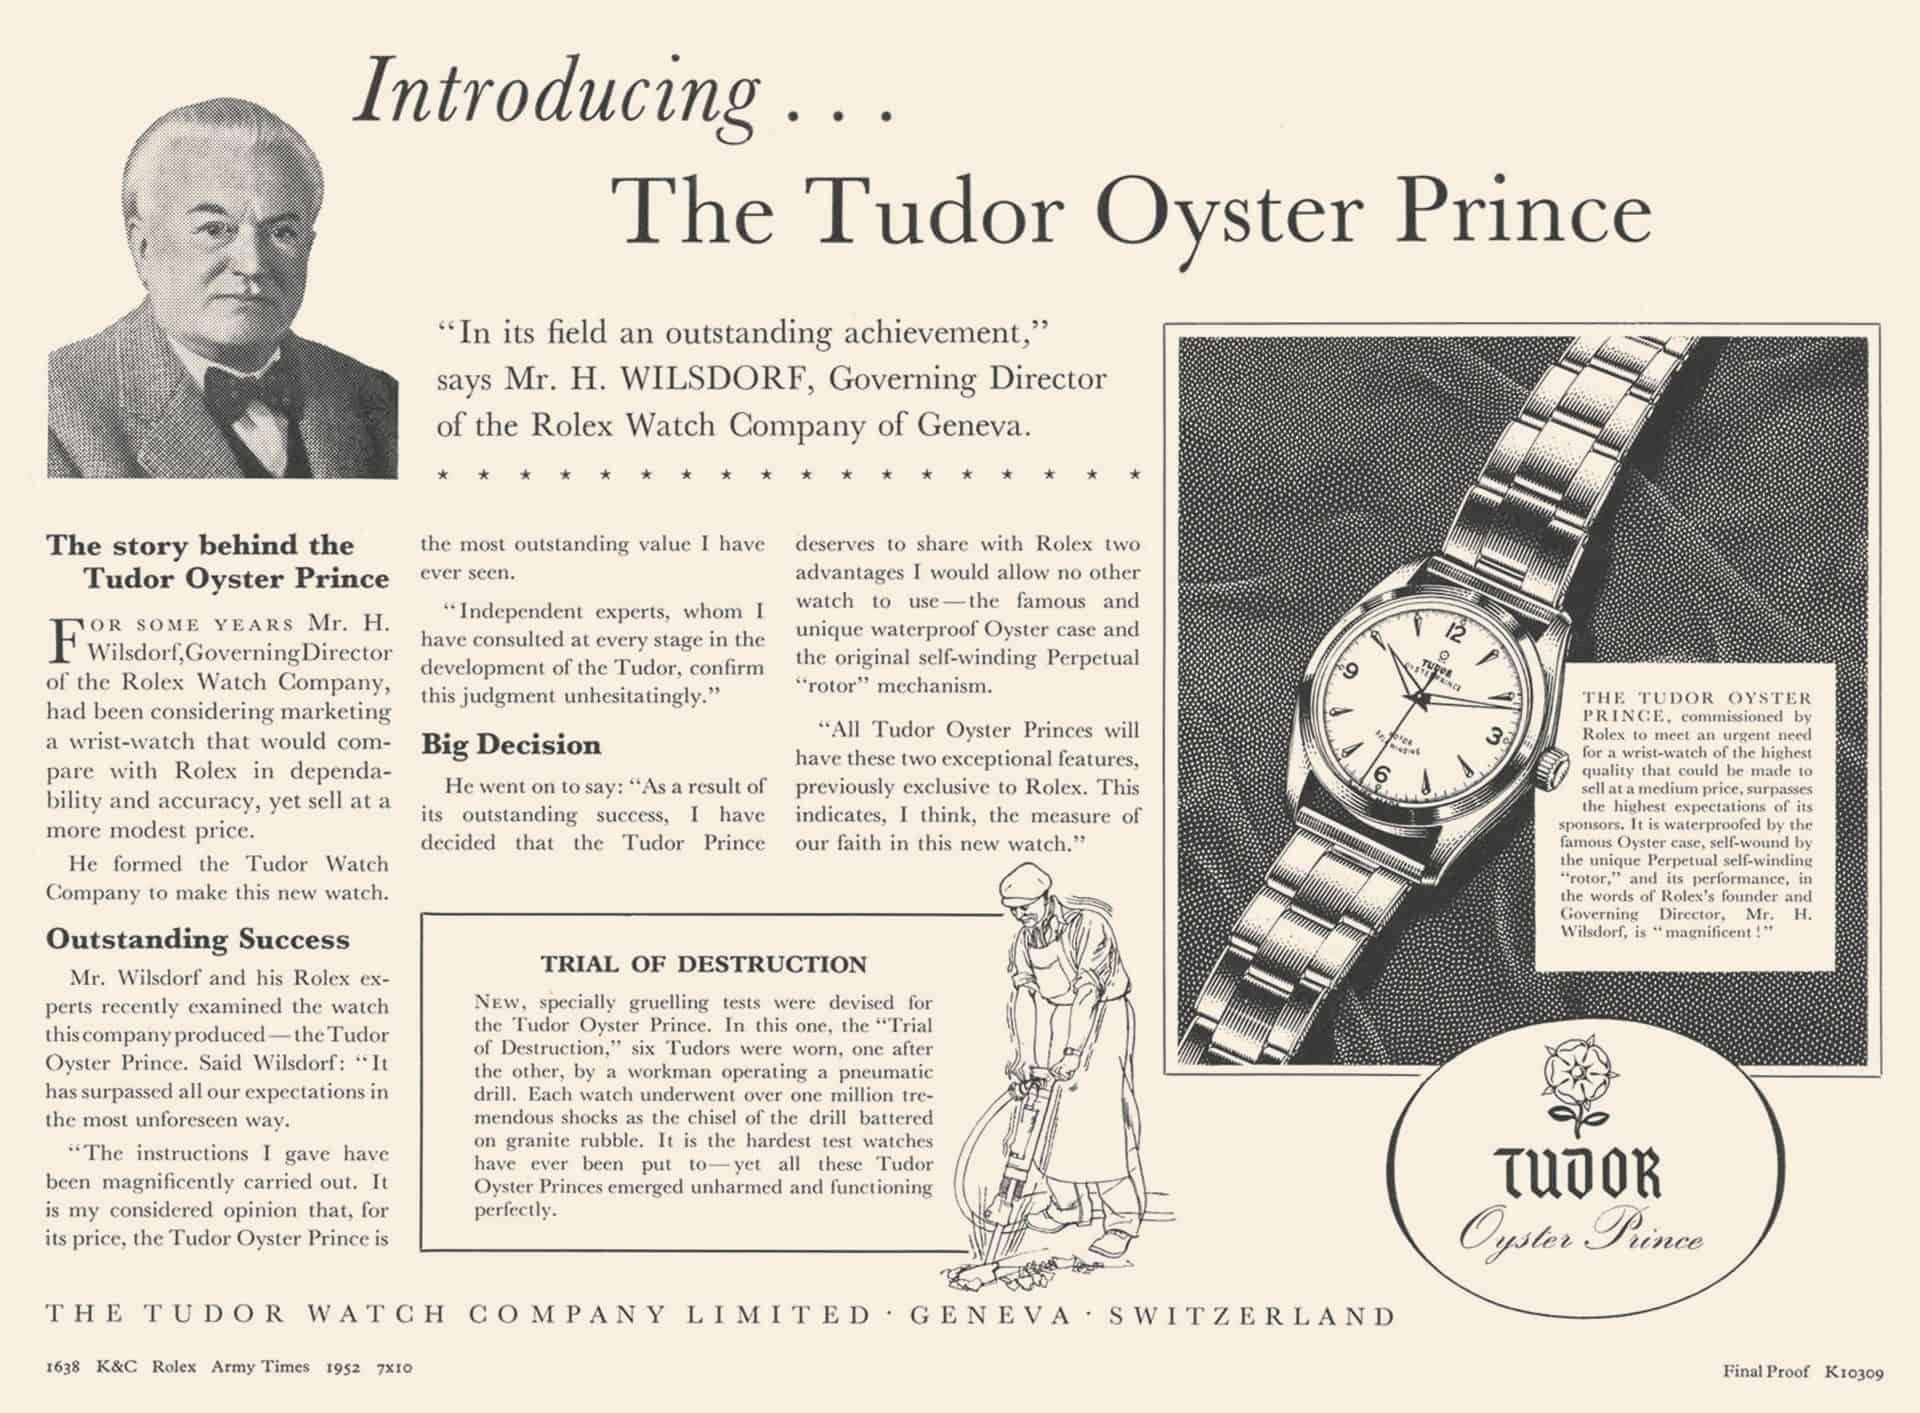 Altes Anzeigenmotiv mit der Darstellung der Robustheit der Tudoruhren bewiesen durch die Nutzung eines Arbeiters